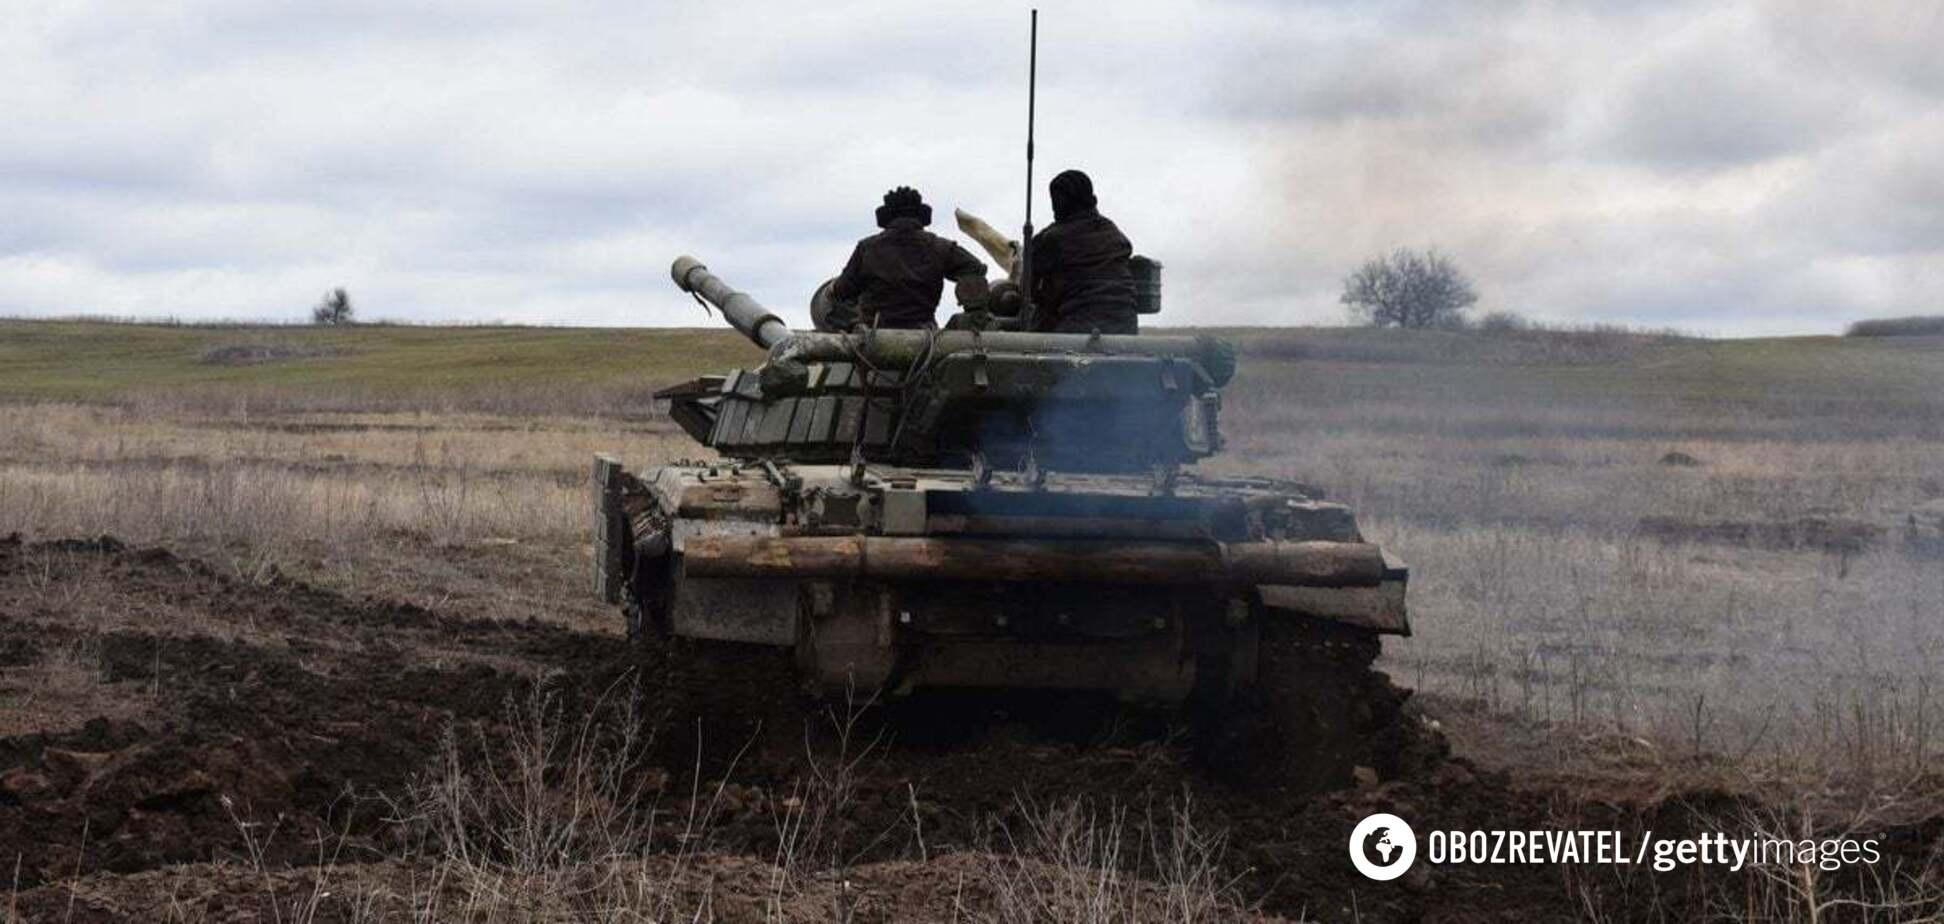 Оккупанты применили против ВСУ минометы и гранатометы, есть раненый, – штаб ООС